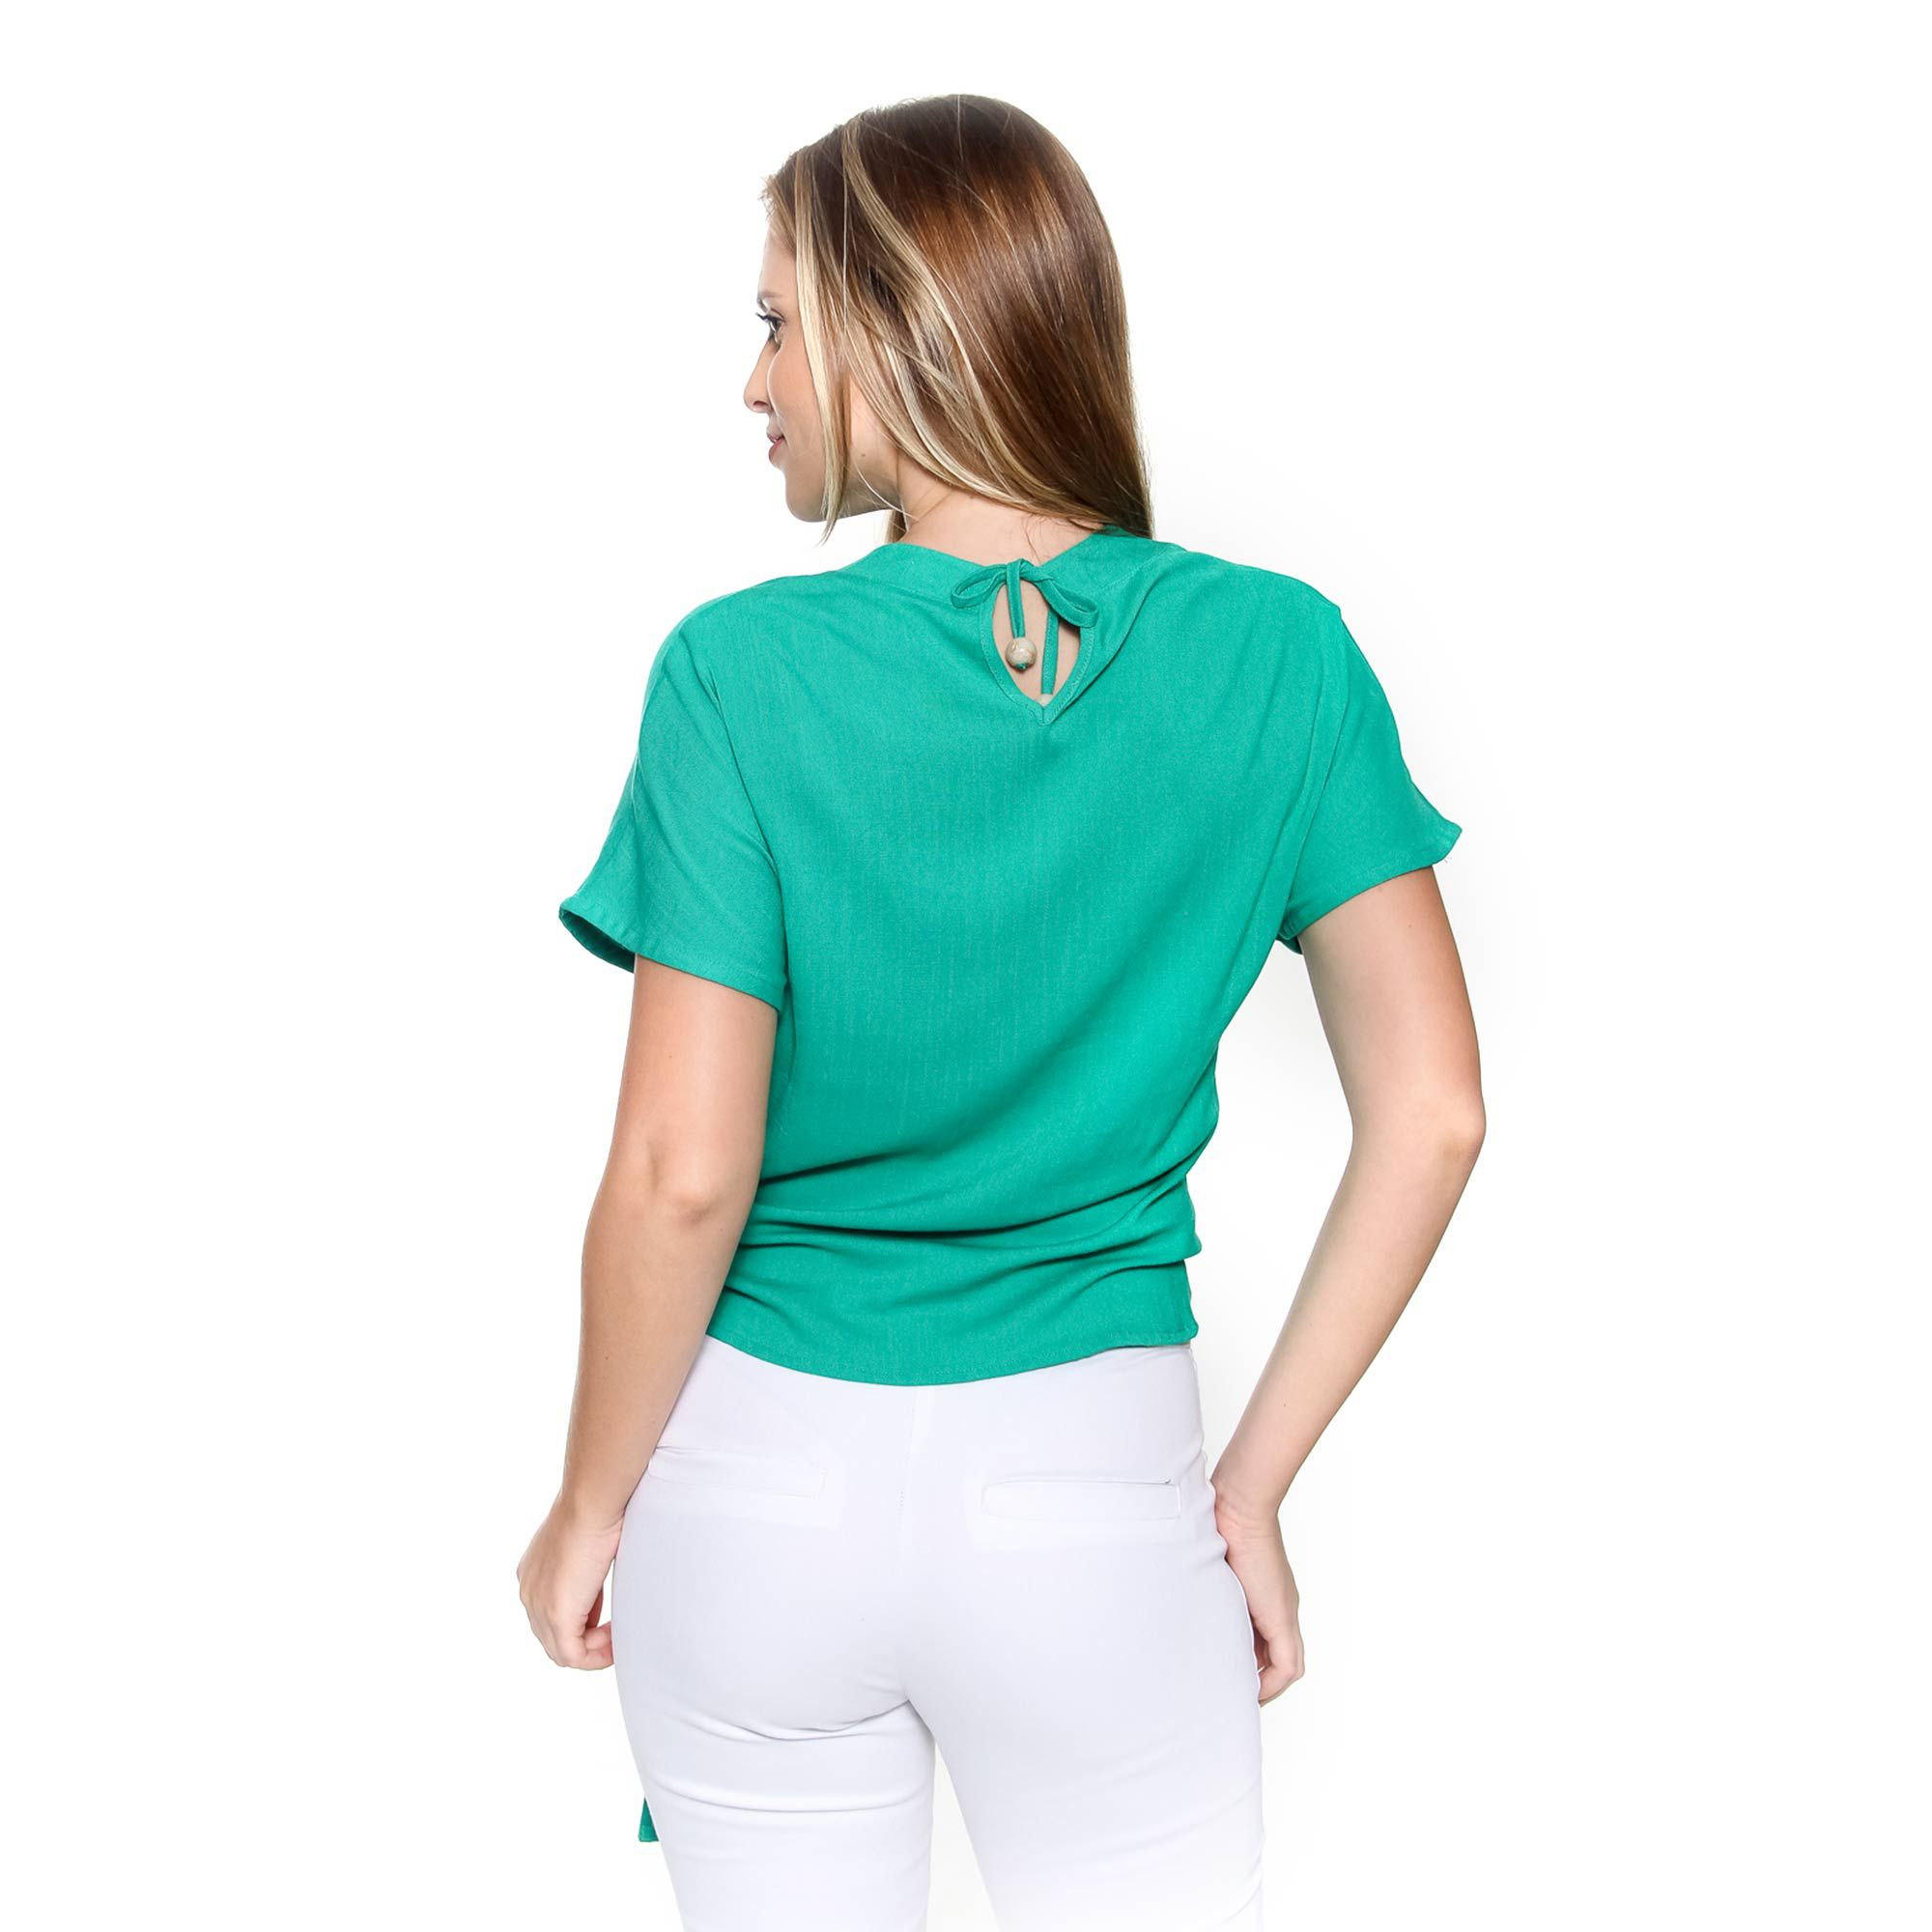 T-shirt De Amarrar (pr)